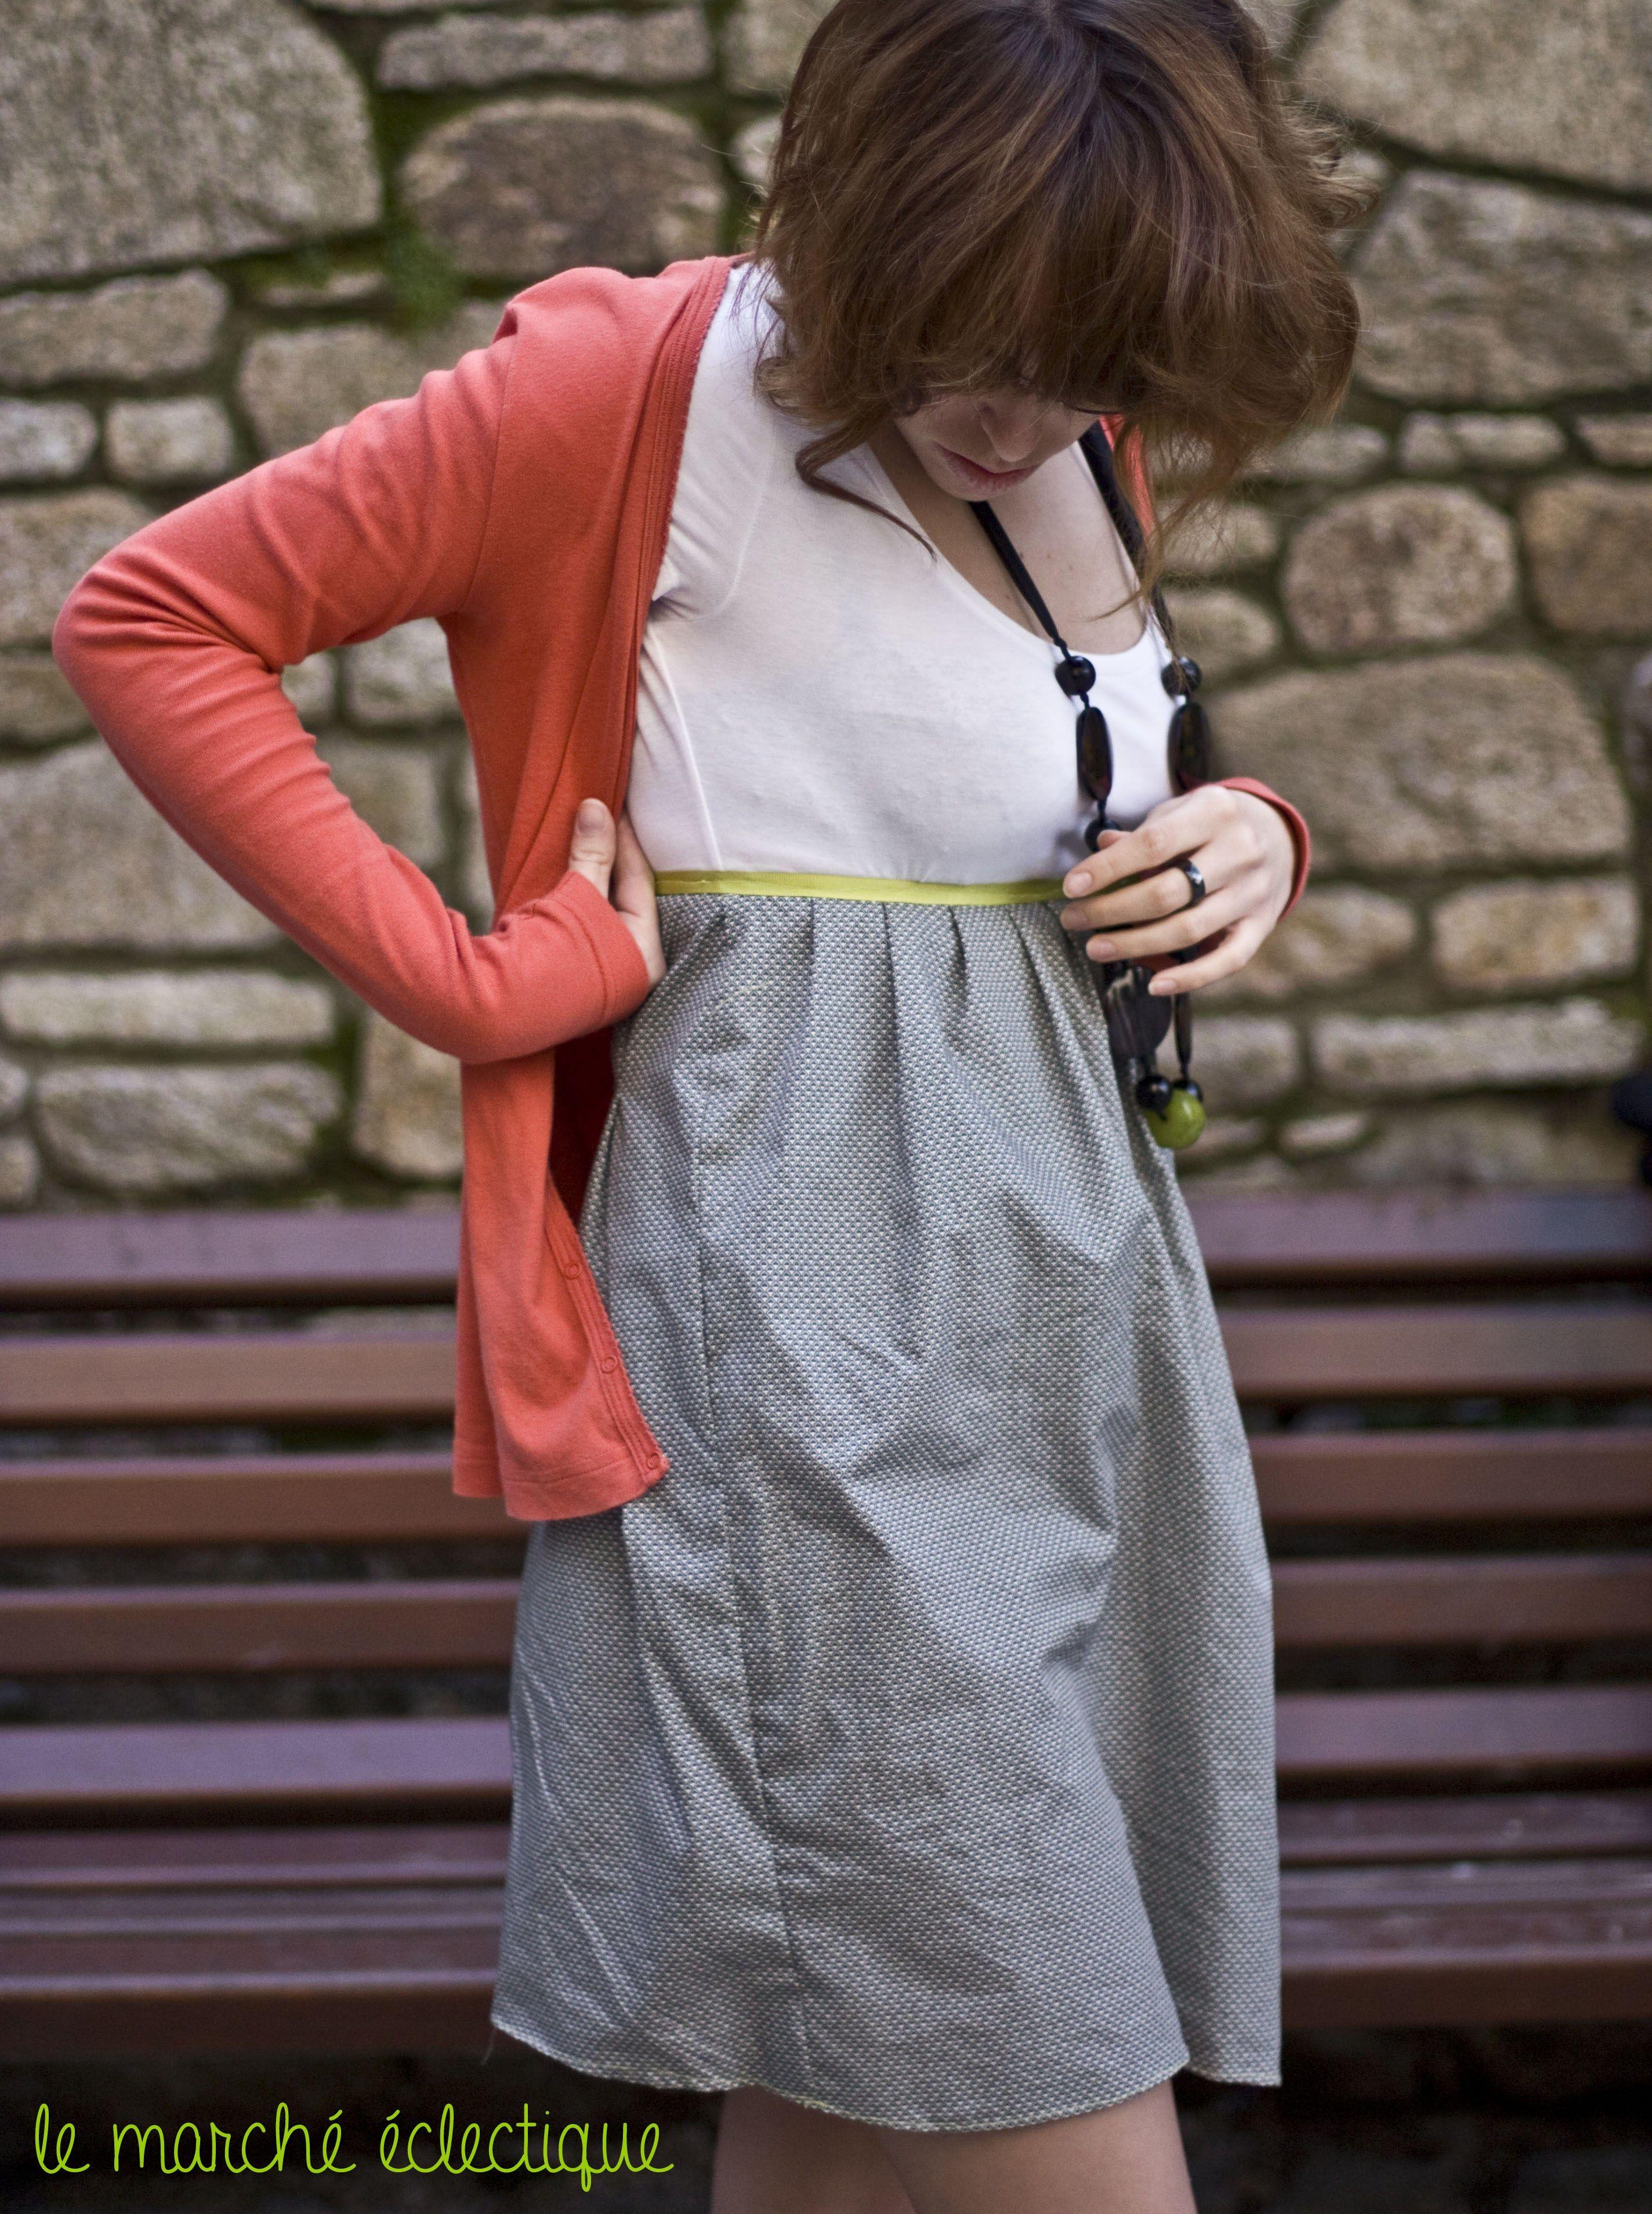 d6c985f8b4a7ab Diy robe facile (à partir d'un débardeur ou d'un tee-shirt ...